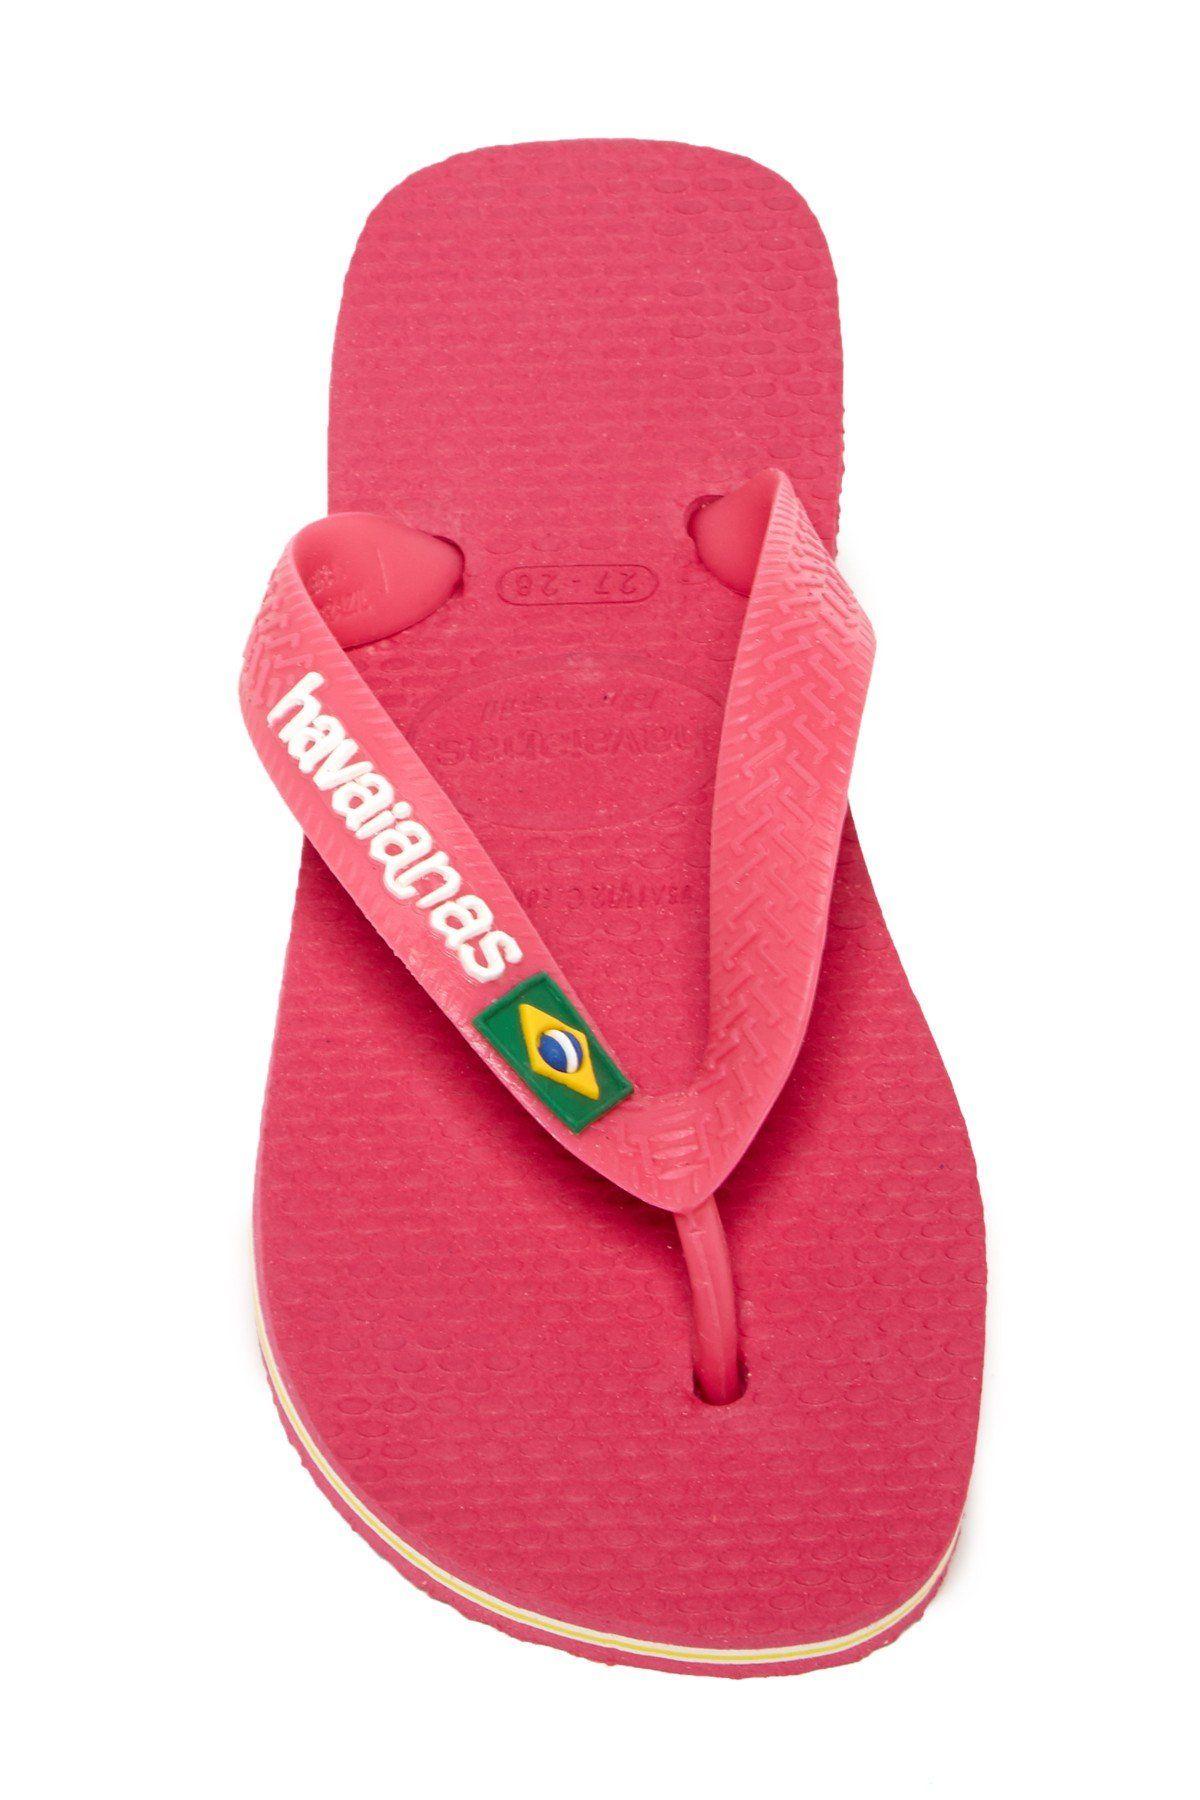 Sandalias Las EdadesTodos Colores Havaianas Para Talles Todas Lo Y vN8wmn0Oy